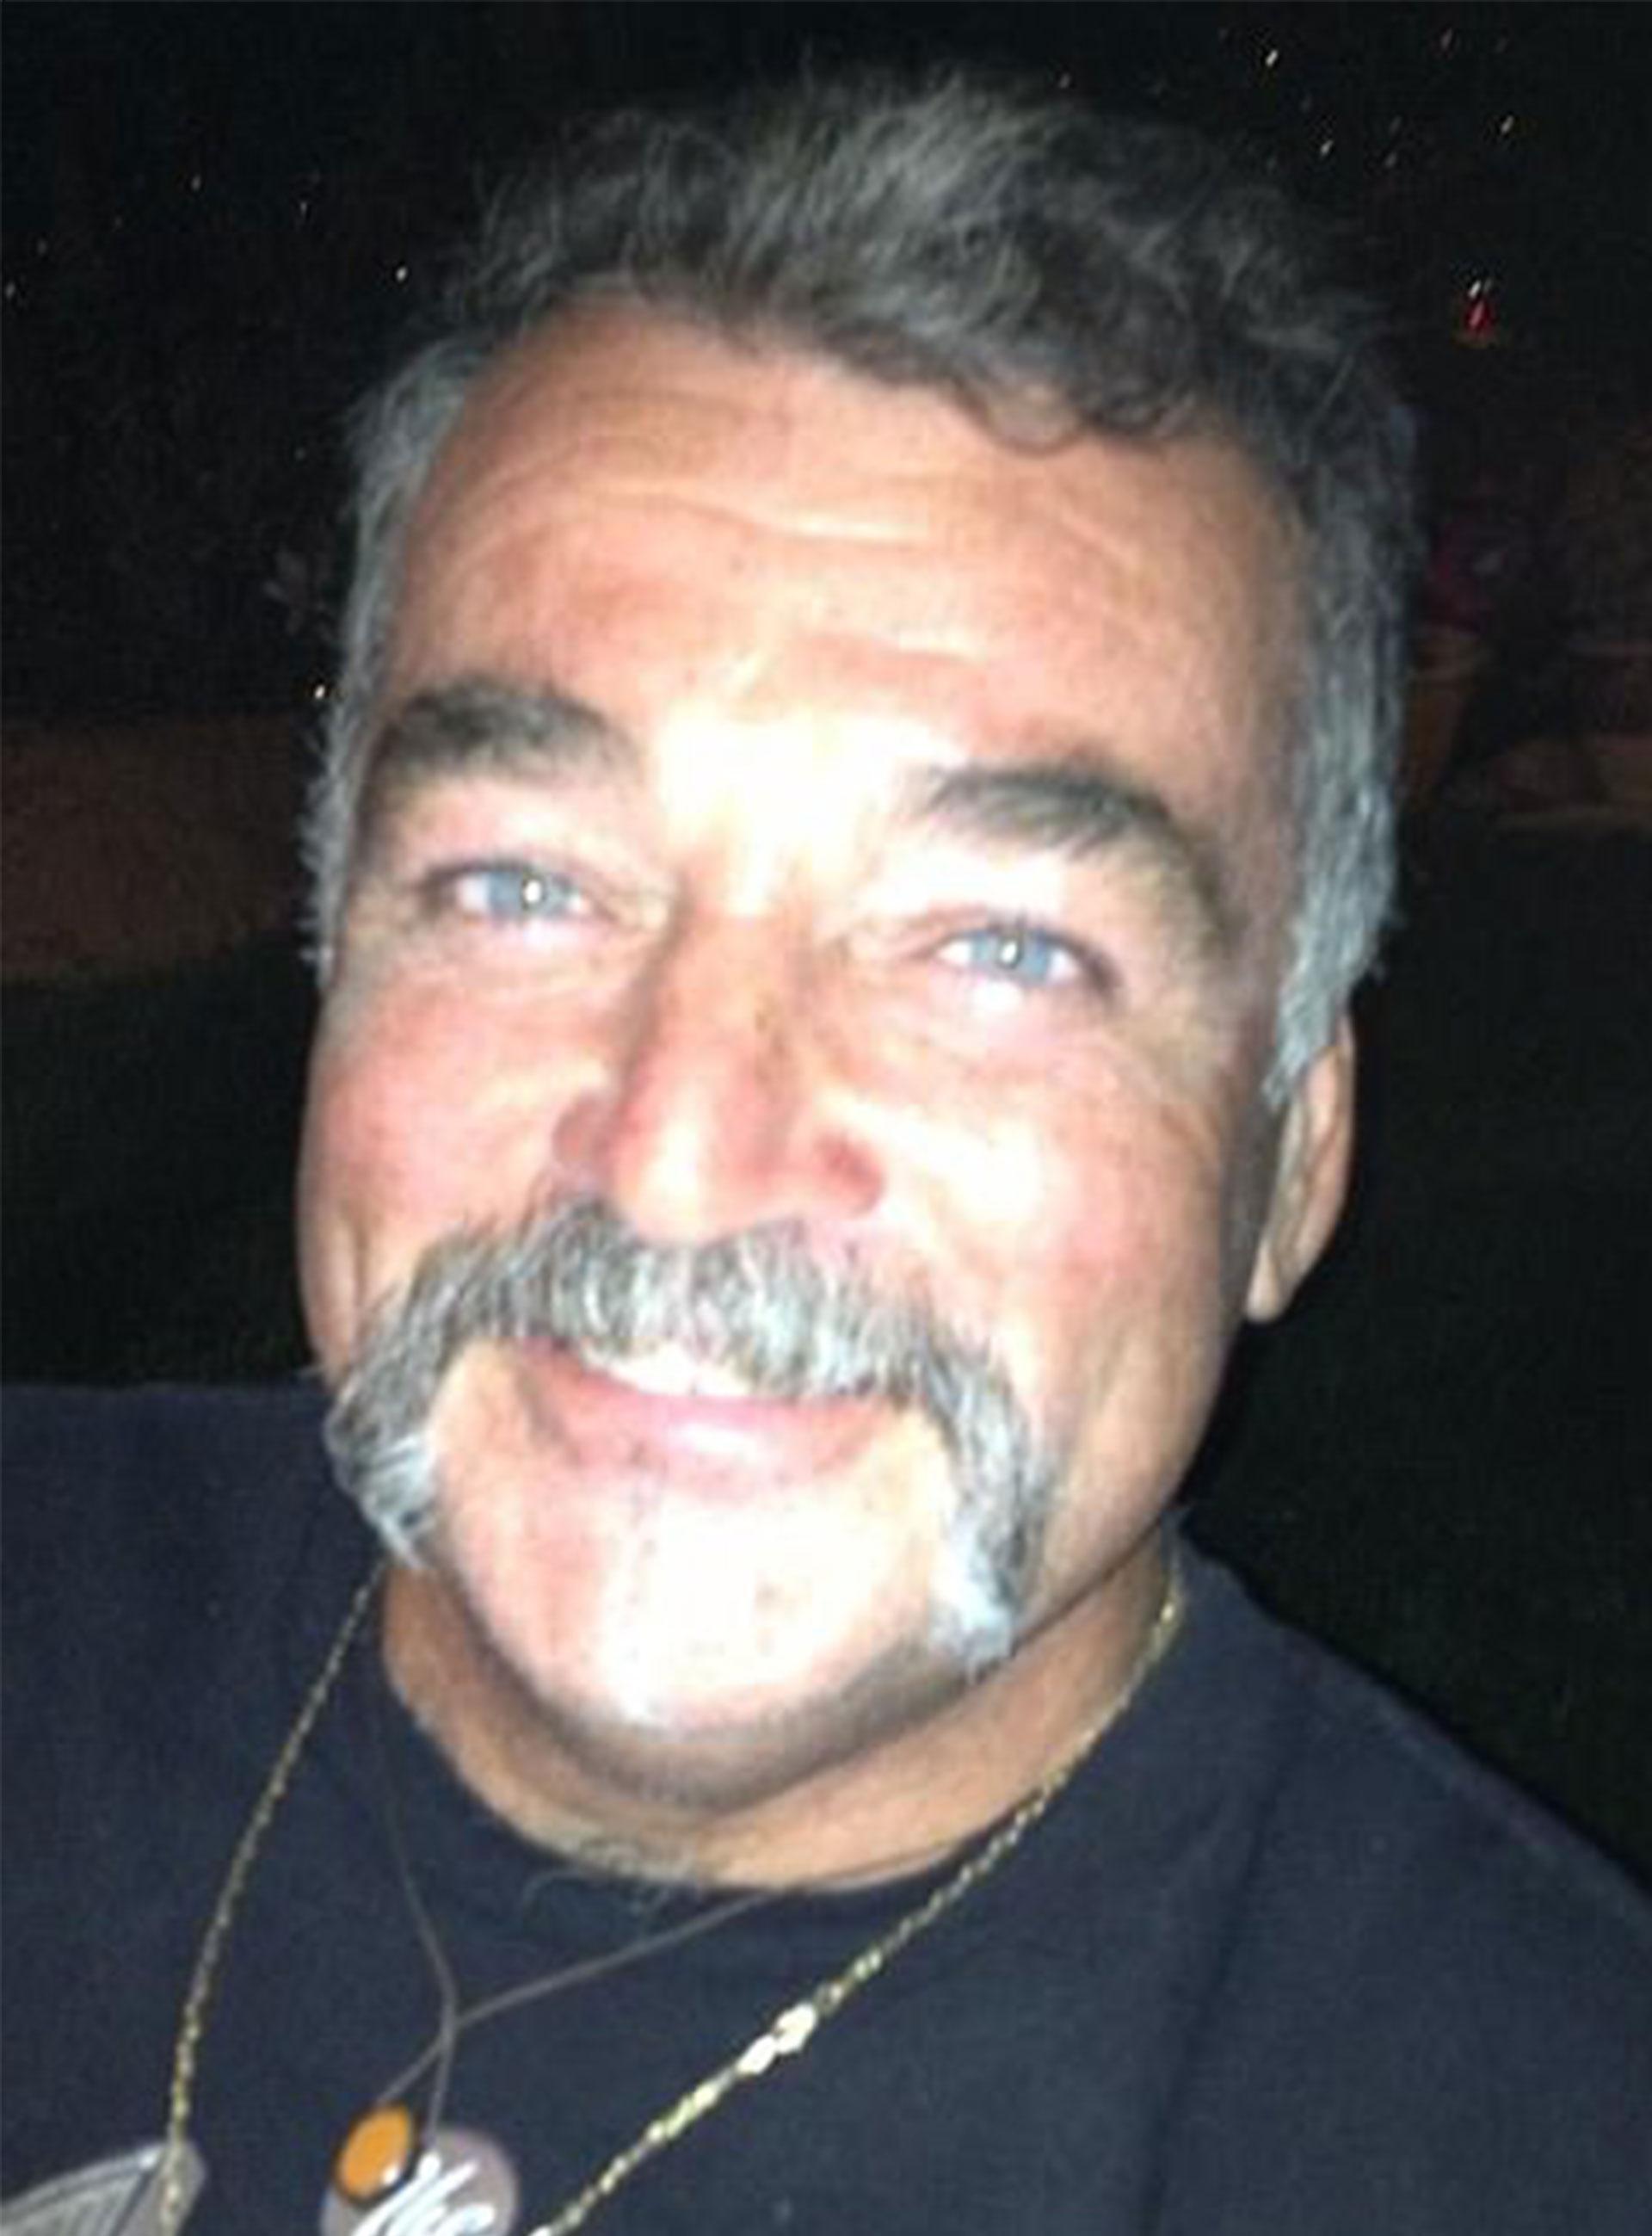 John Phippen, residente de Santa Clara, California